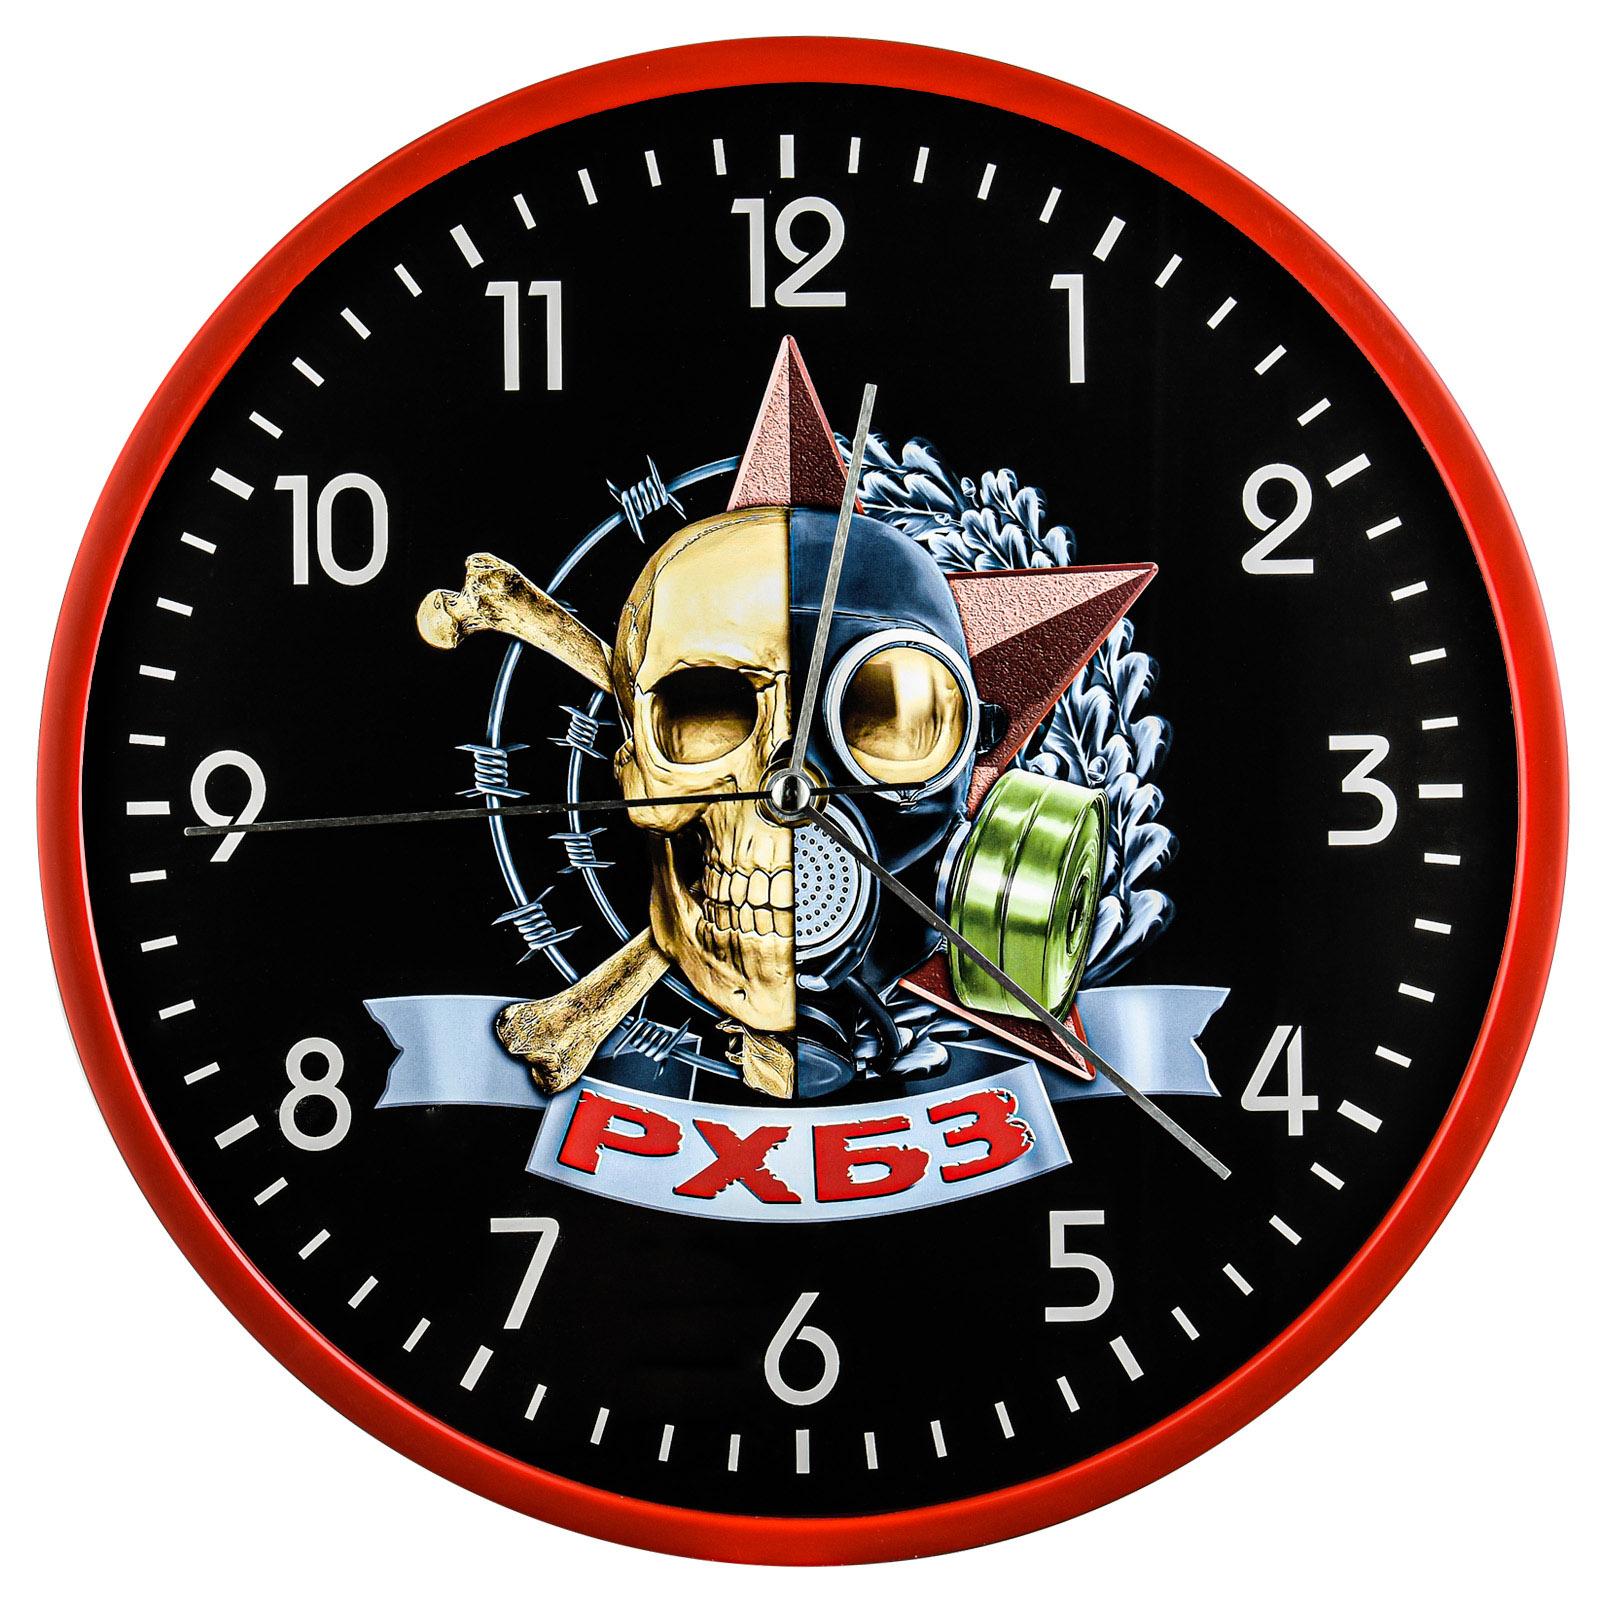 Купить настенные часы РХБЗ в Военпро